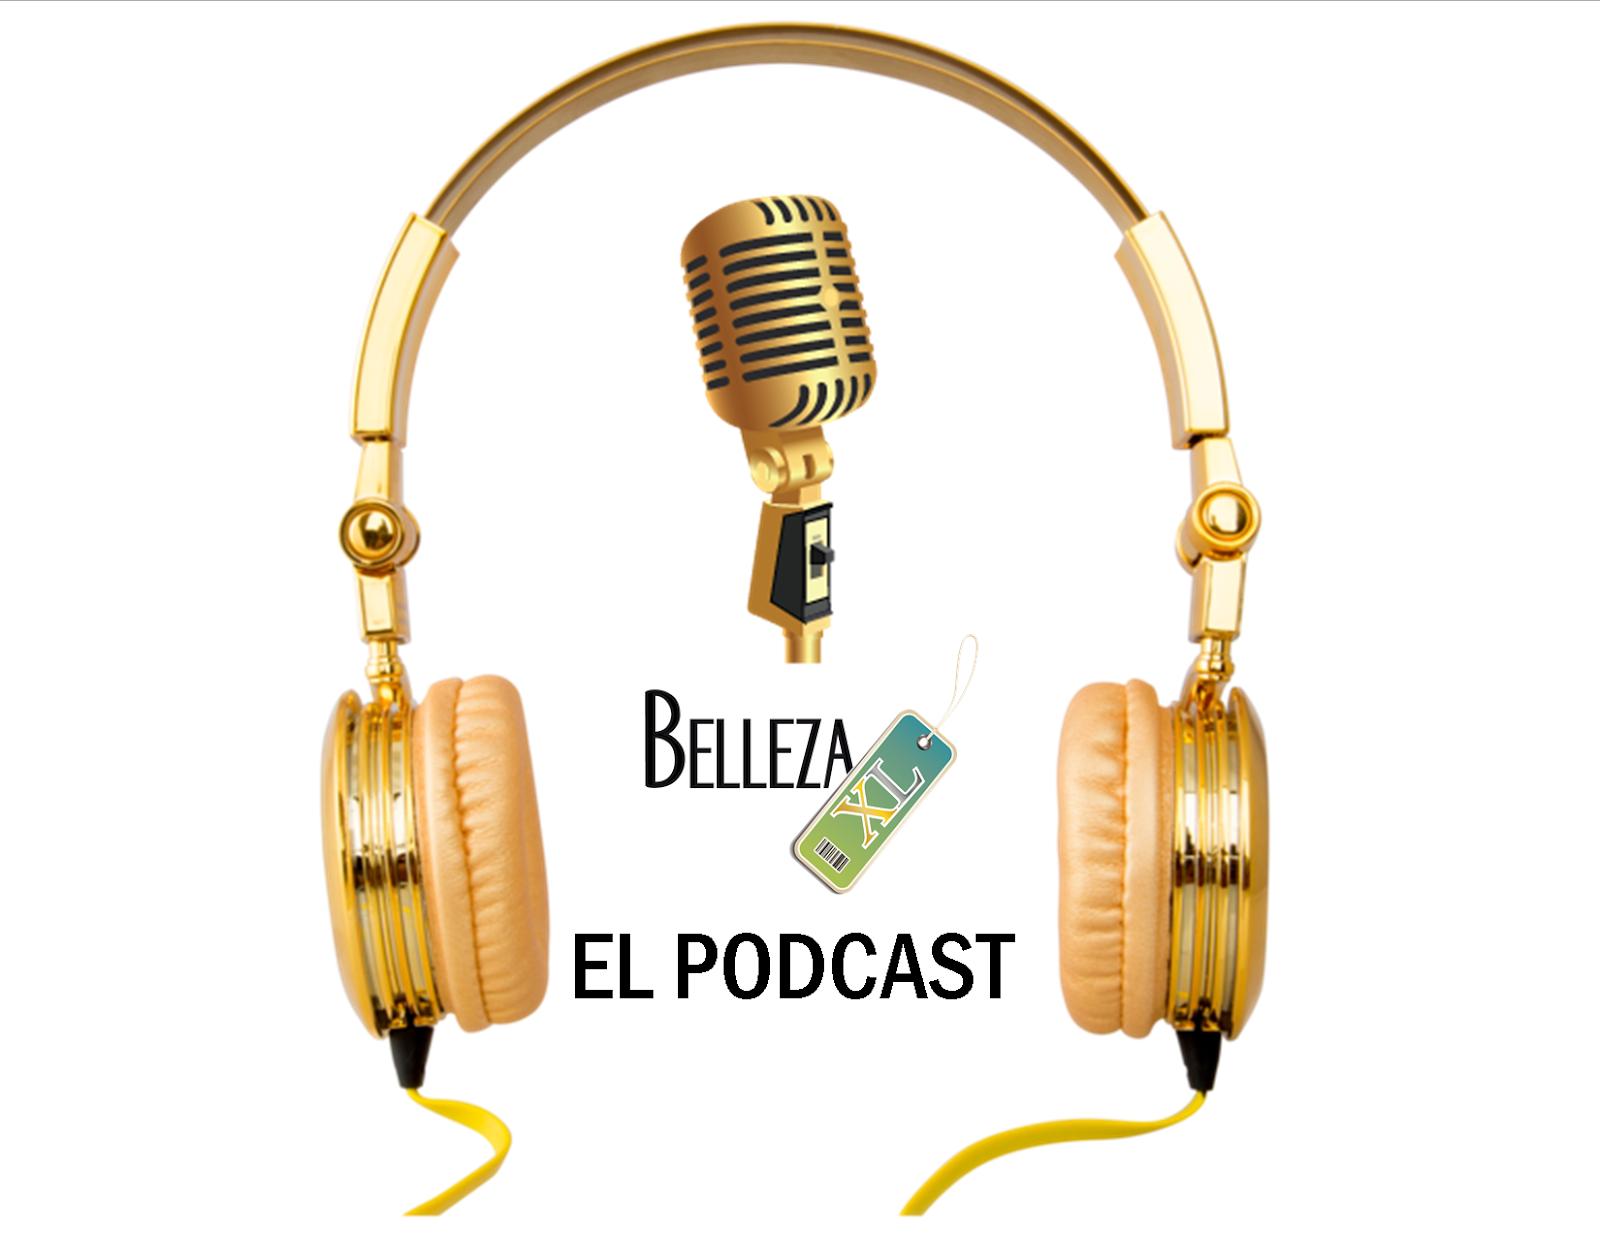 Belleza XL el podcast